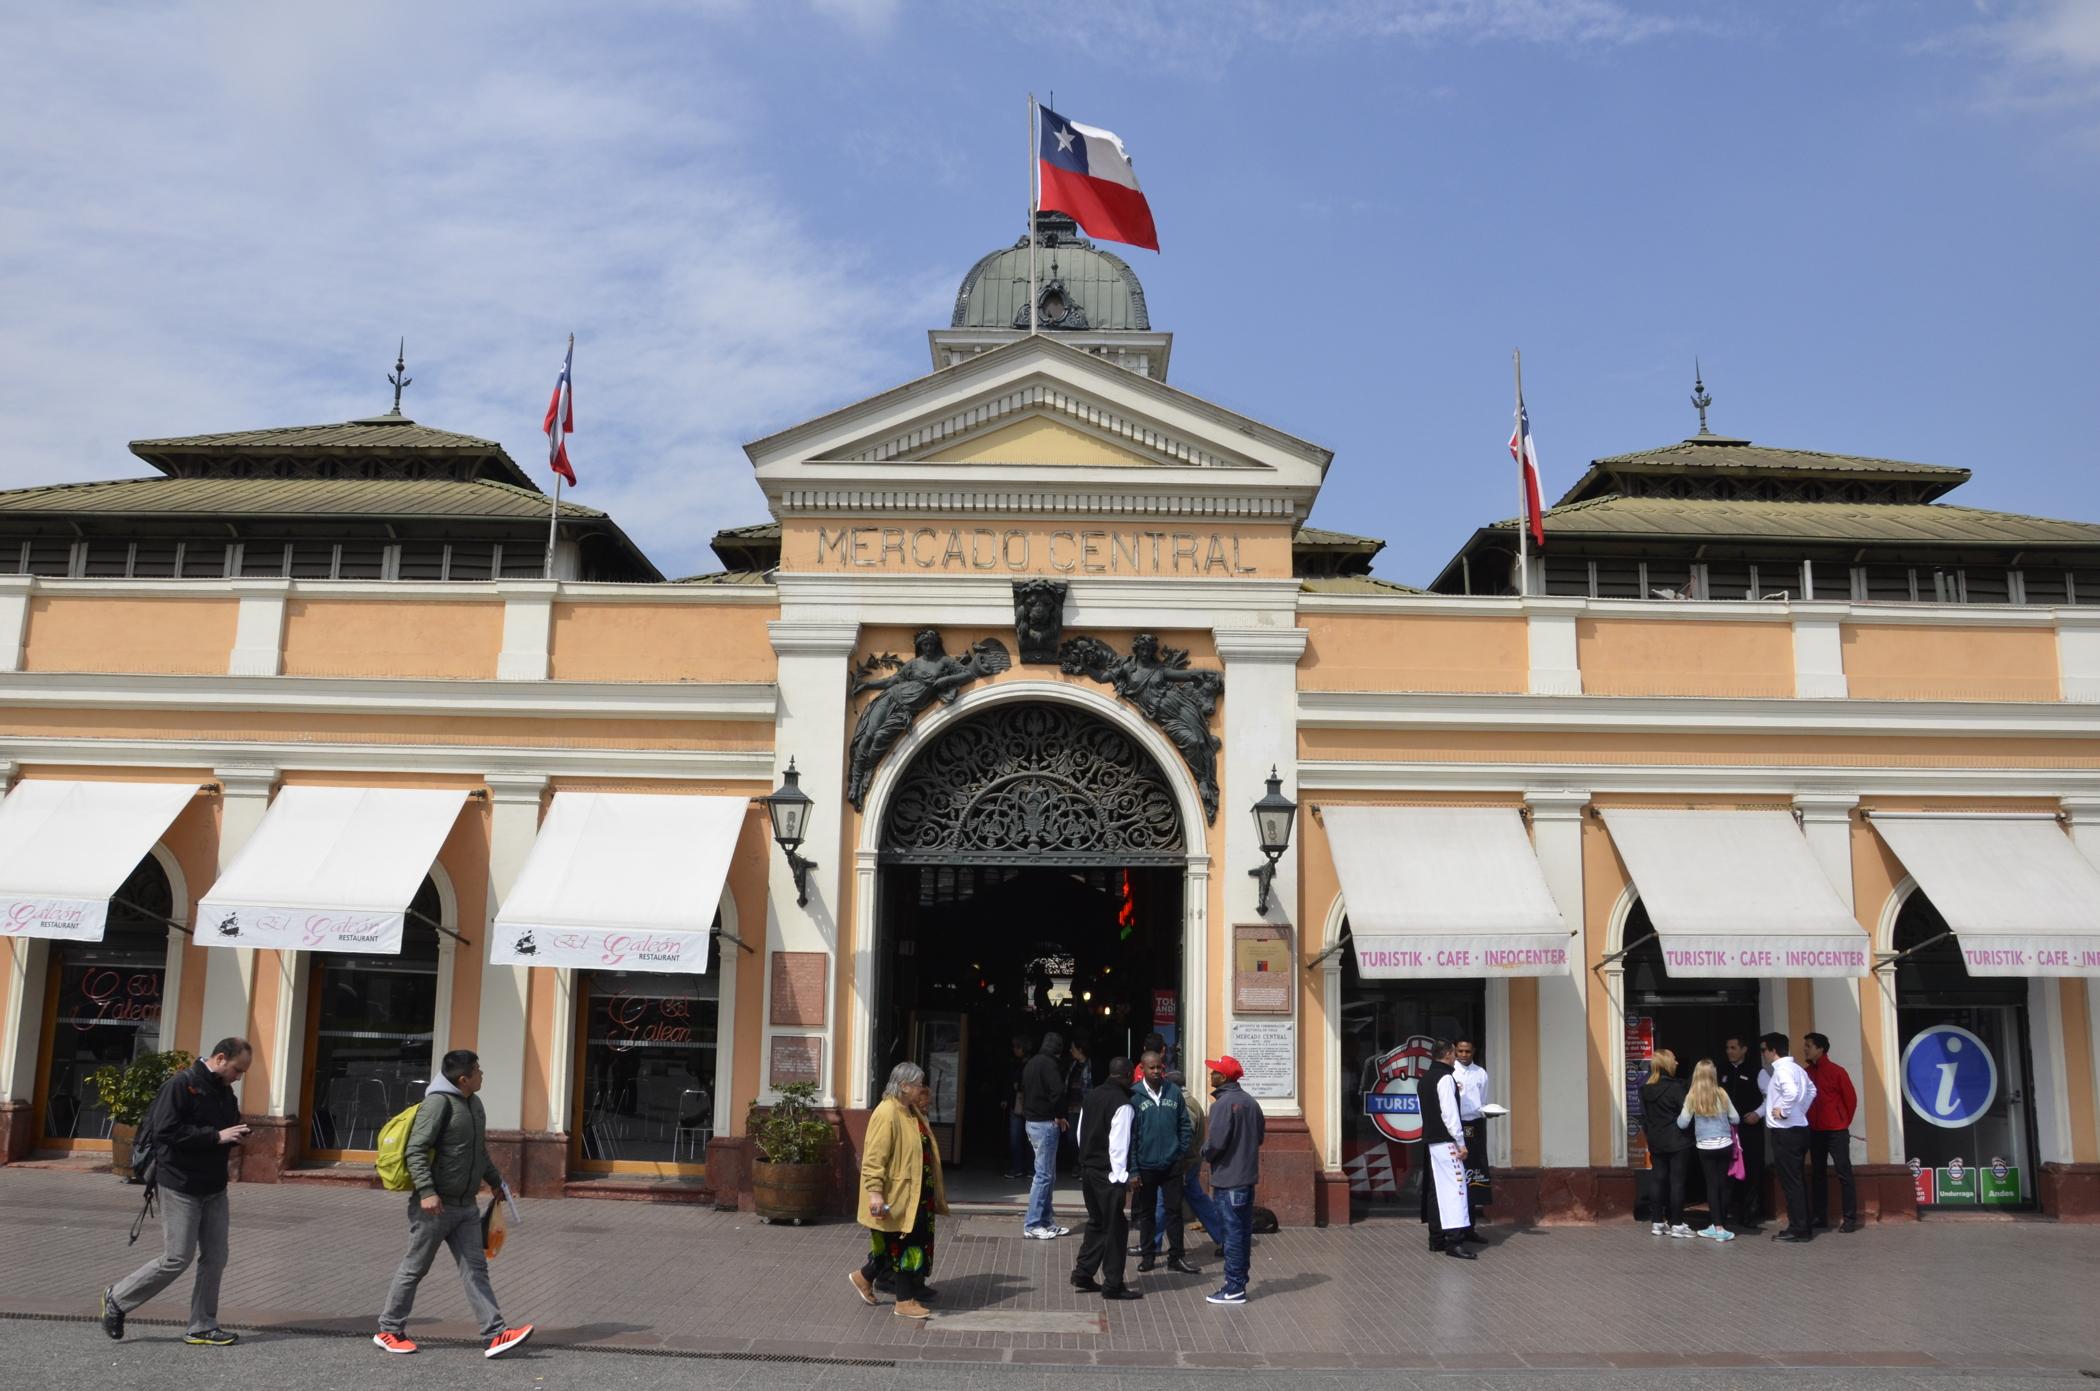 Sehenswürdigkeiten Chile wie der Mercado Central in Santiago de Chile